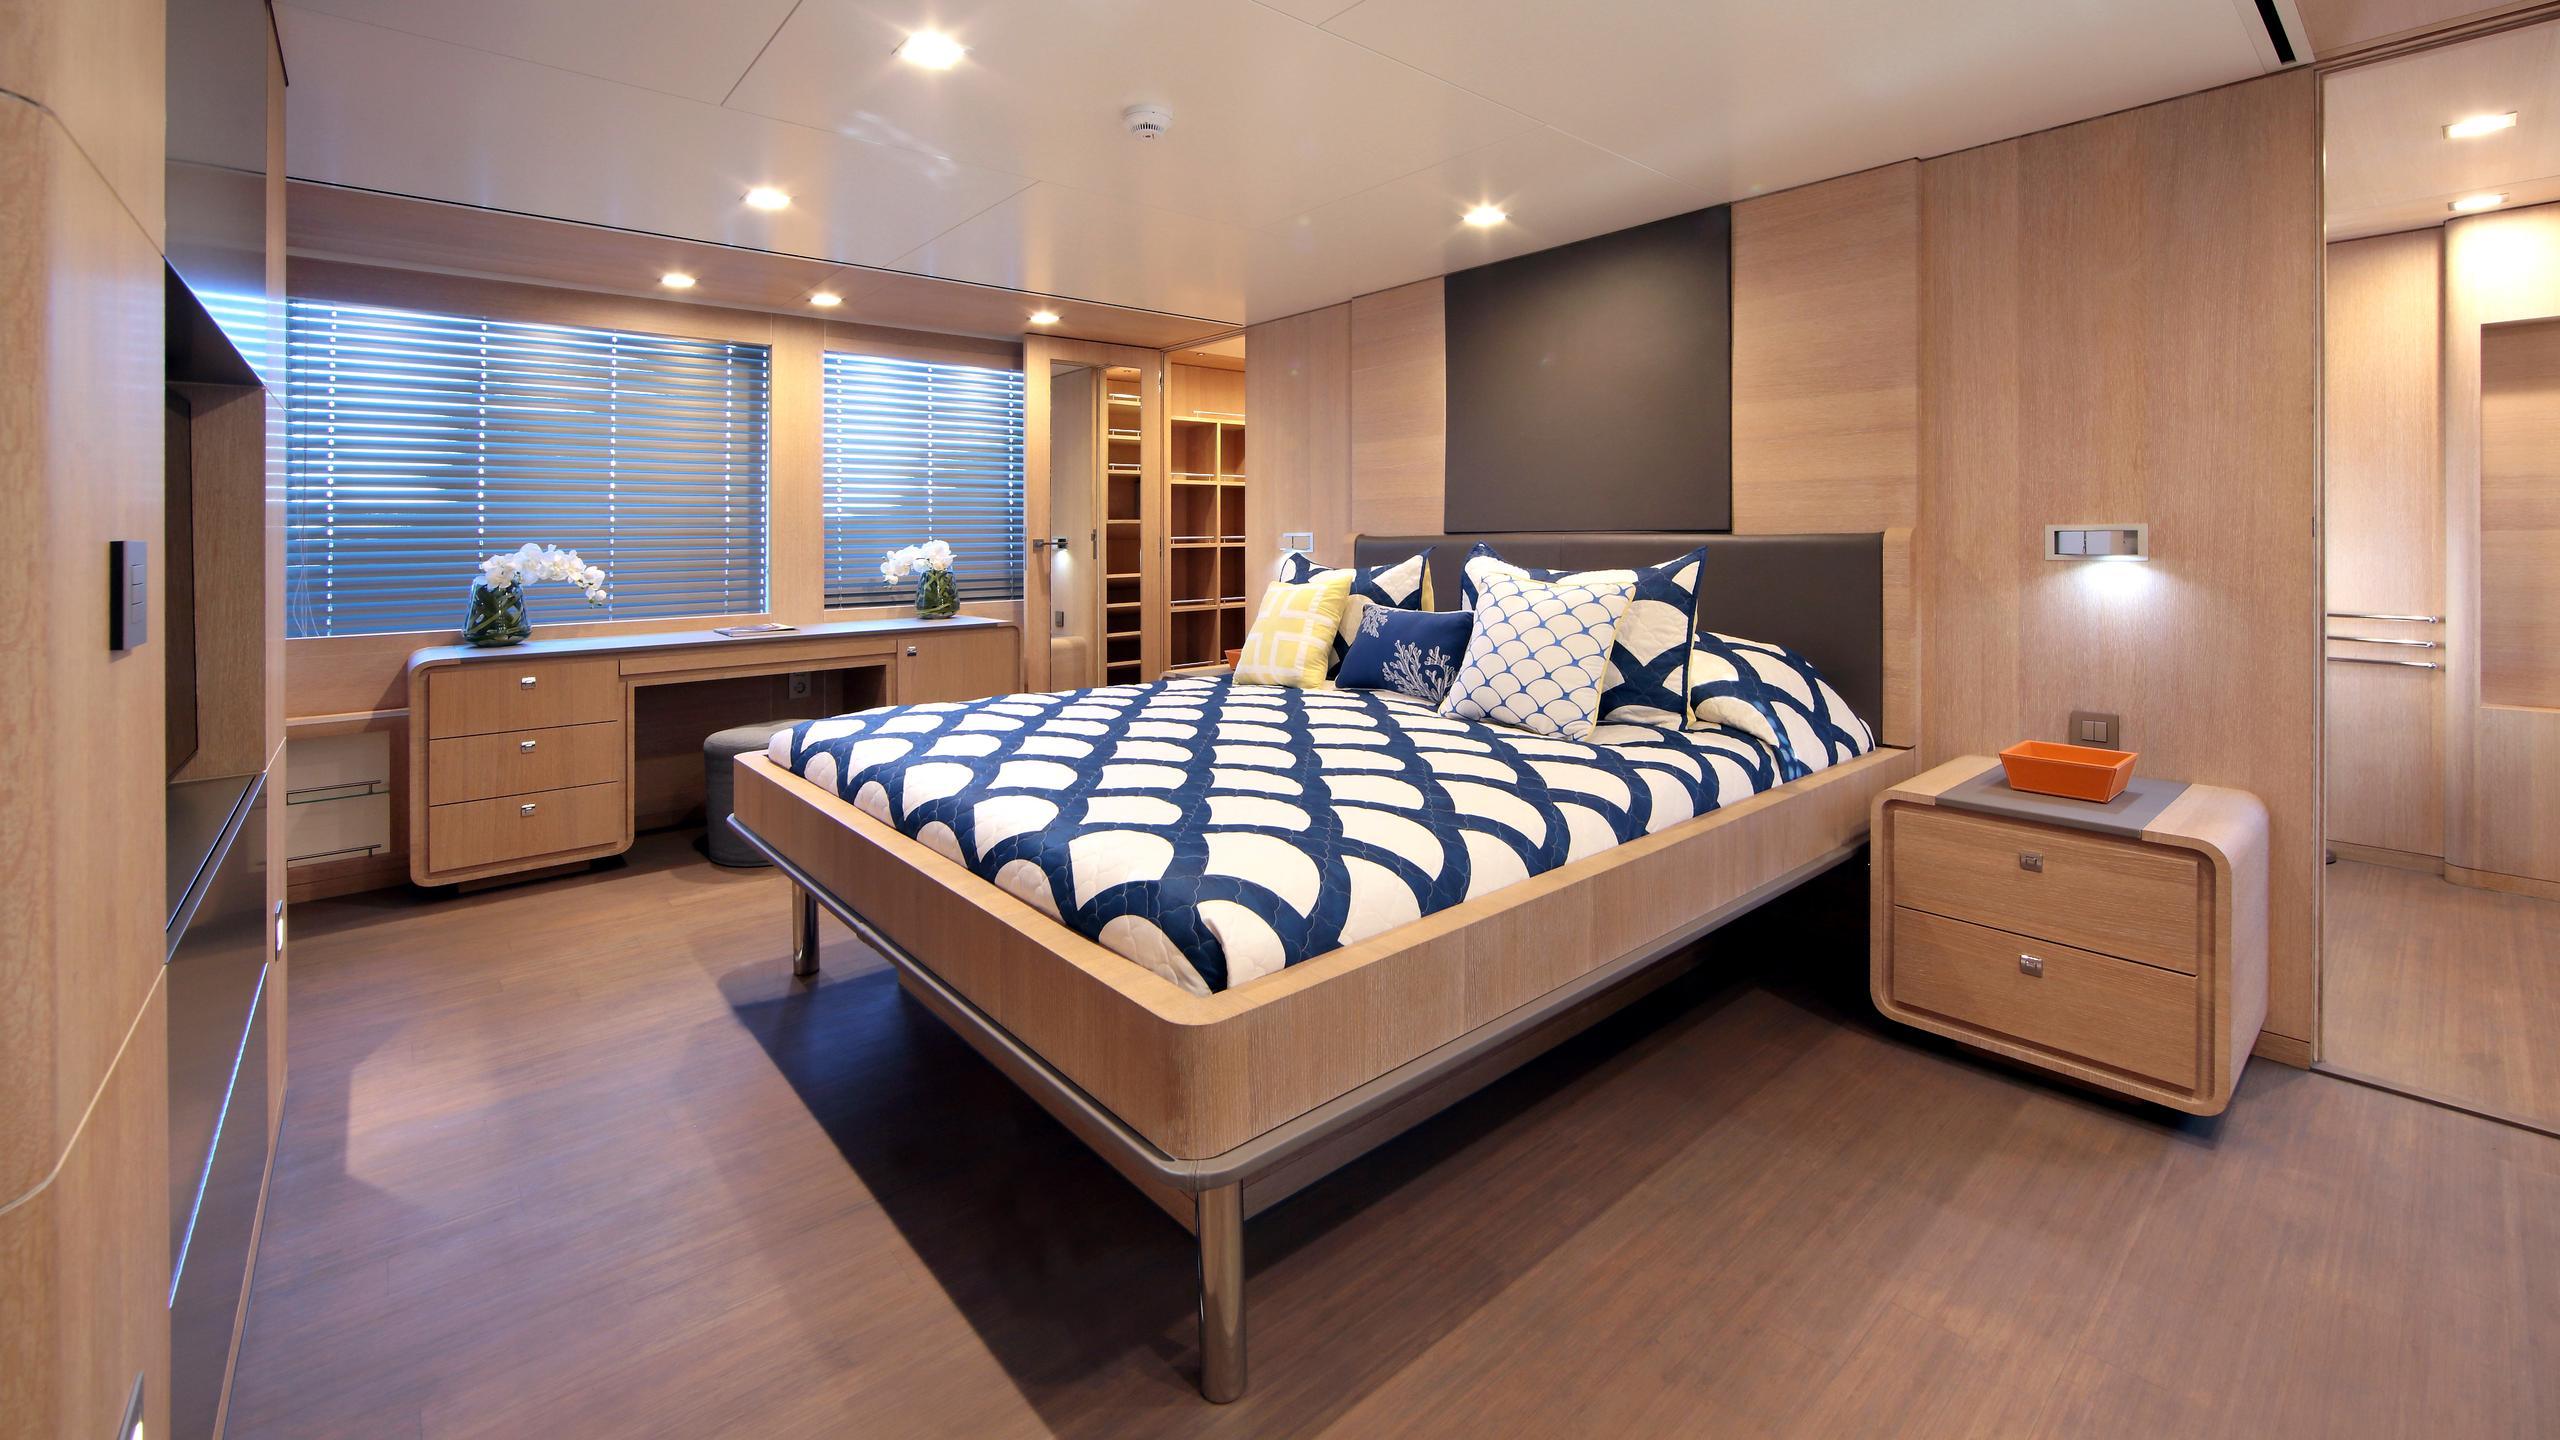 robbie-bobby-heliad-ii-motor-yacht-lynx-2013-33m-stateroom